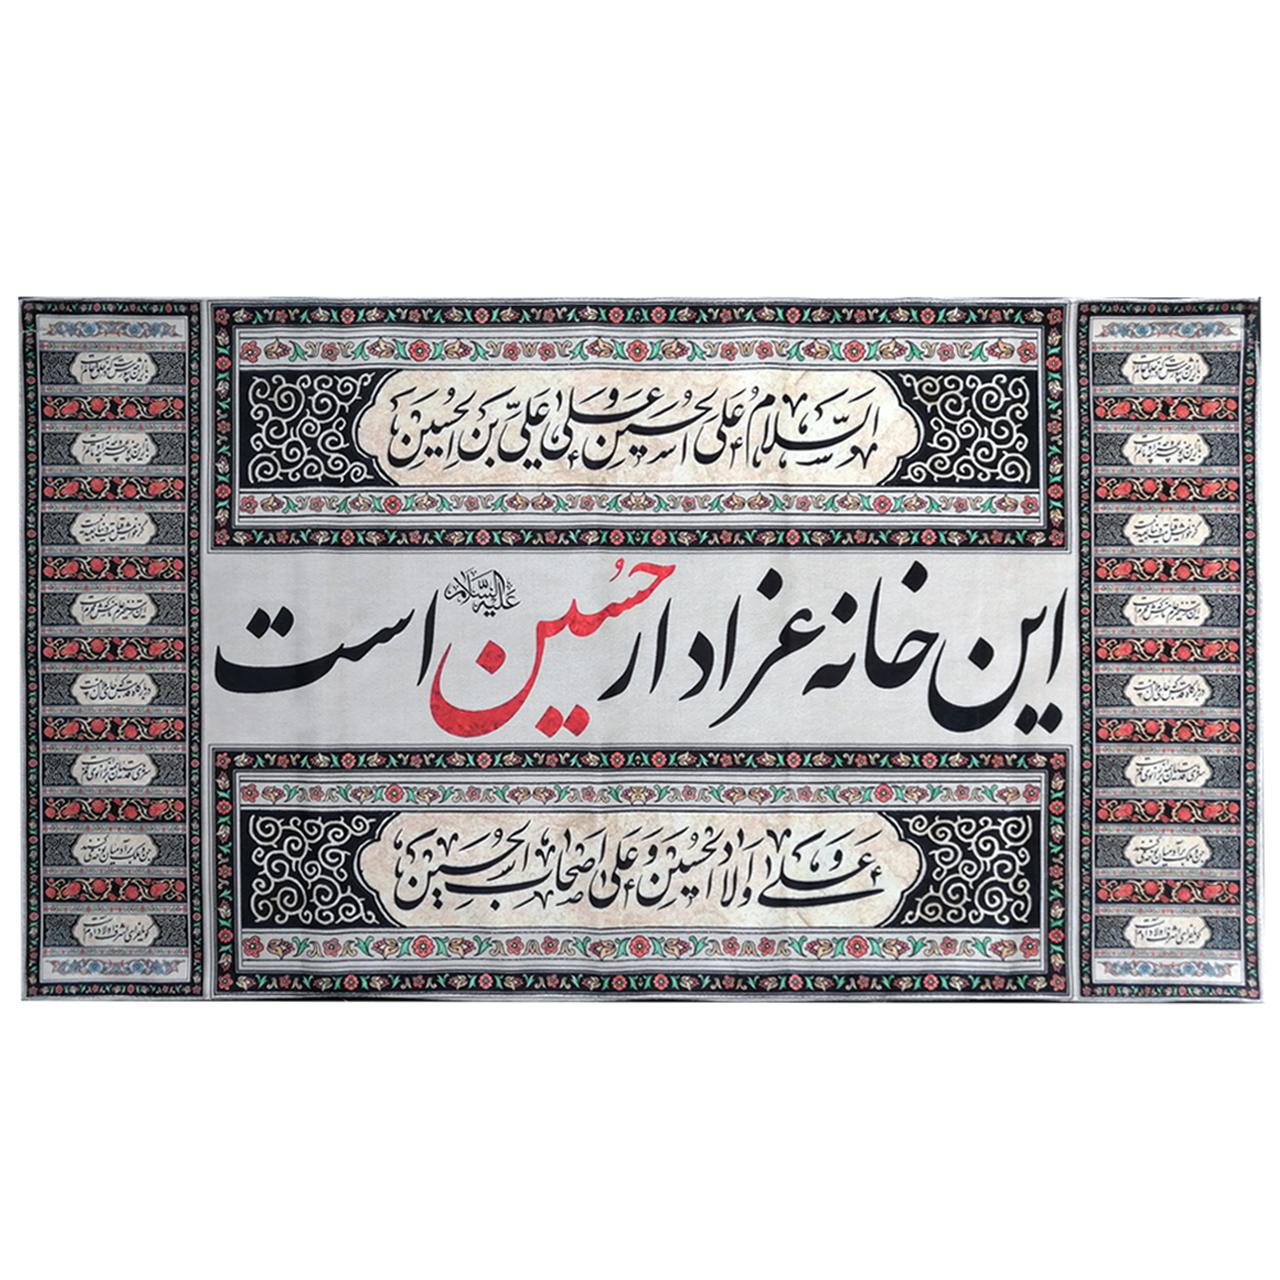 پرچم این خانه عزادار حسین است کد sub01-M